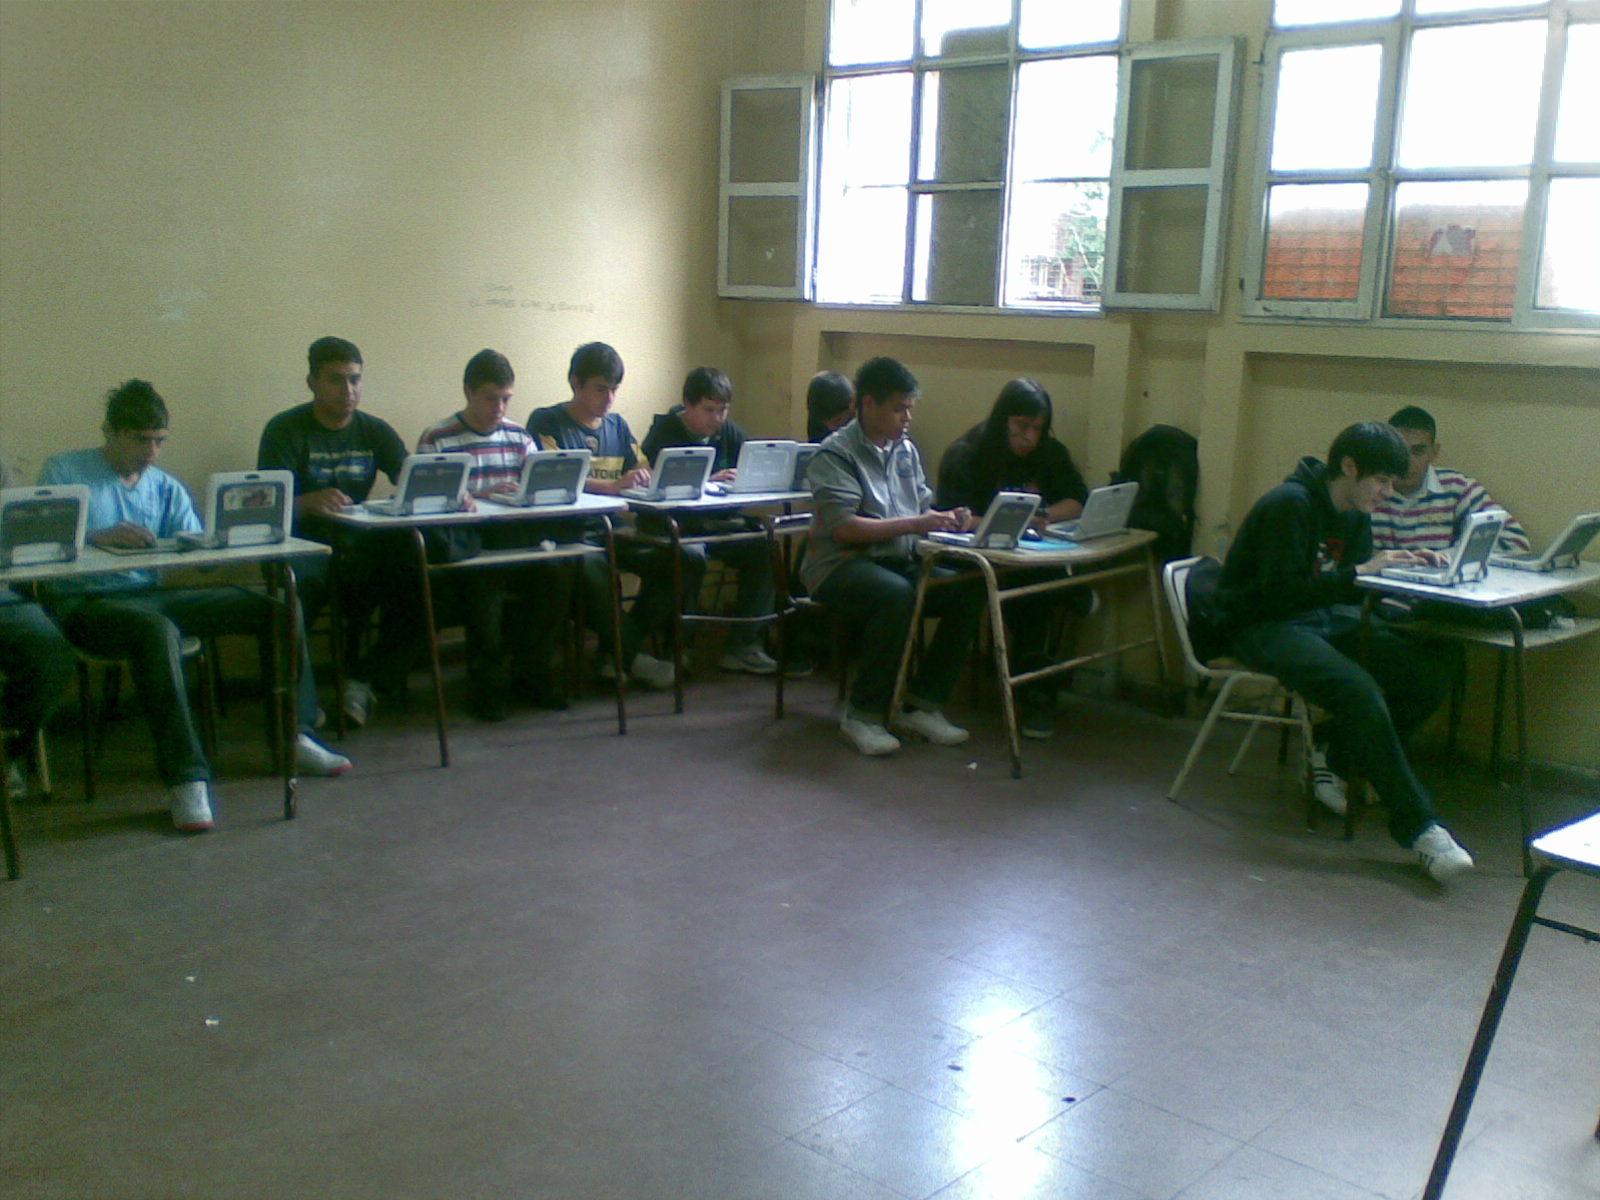 Alumnos de una escuela tecnica trabajando con computadoras. Se observa una disposición tradicional del espacio aulico.